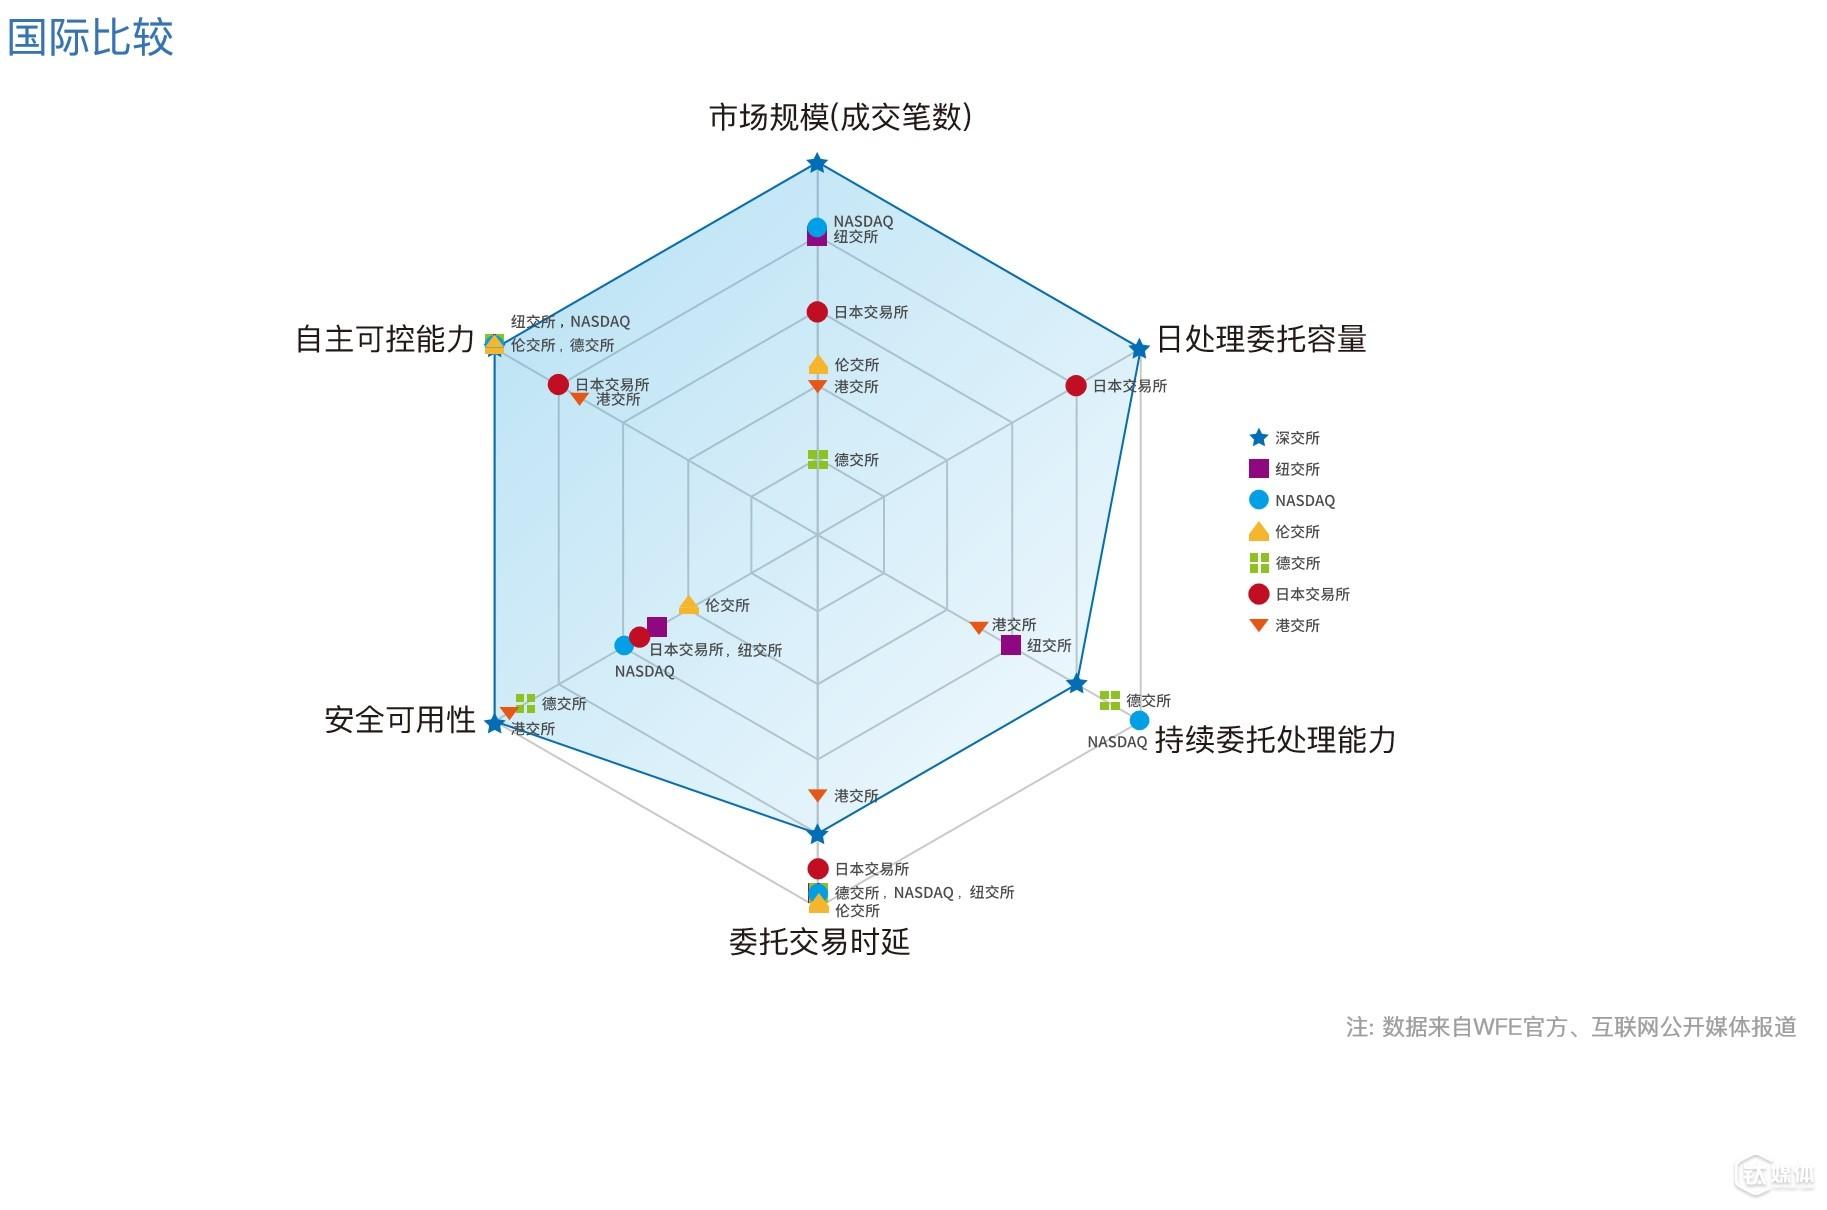 """这是深交所交易系统与全球其他交易所相比较的雷达图(""""数据来自WFE官方数据及互联网公开信息;深交所技术规划部整理"""")"""